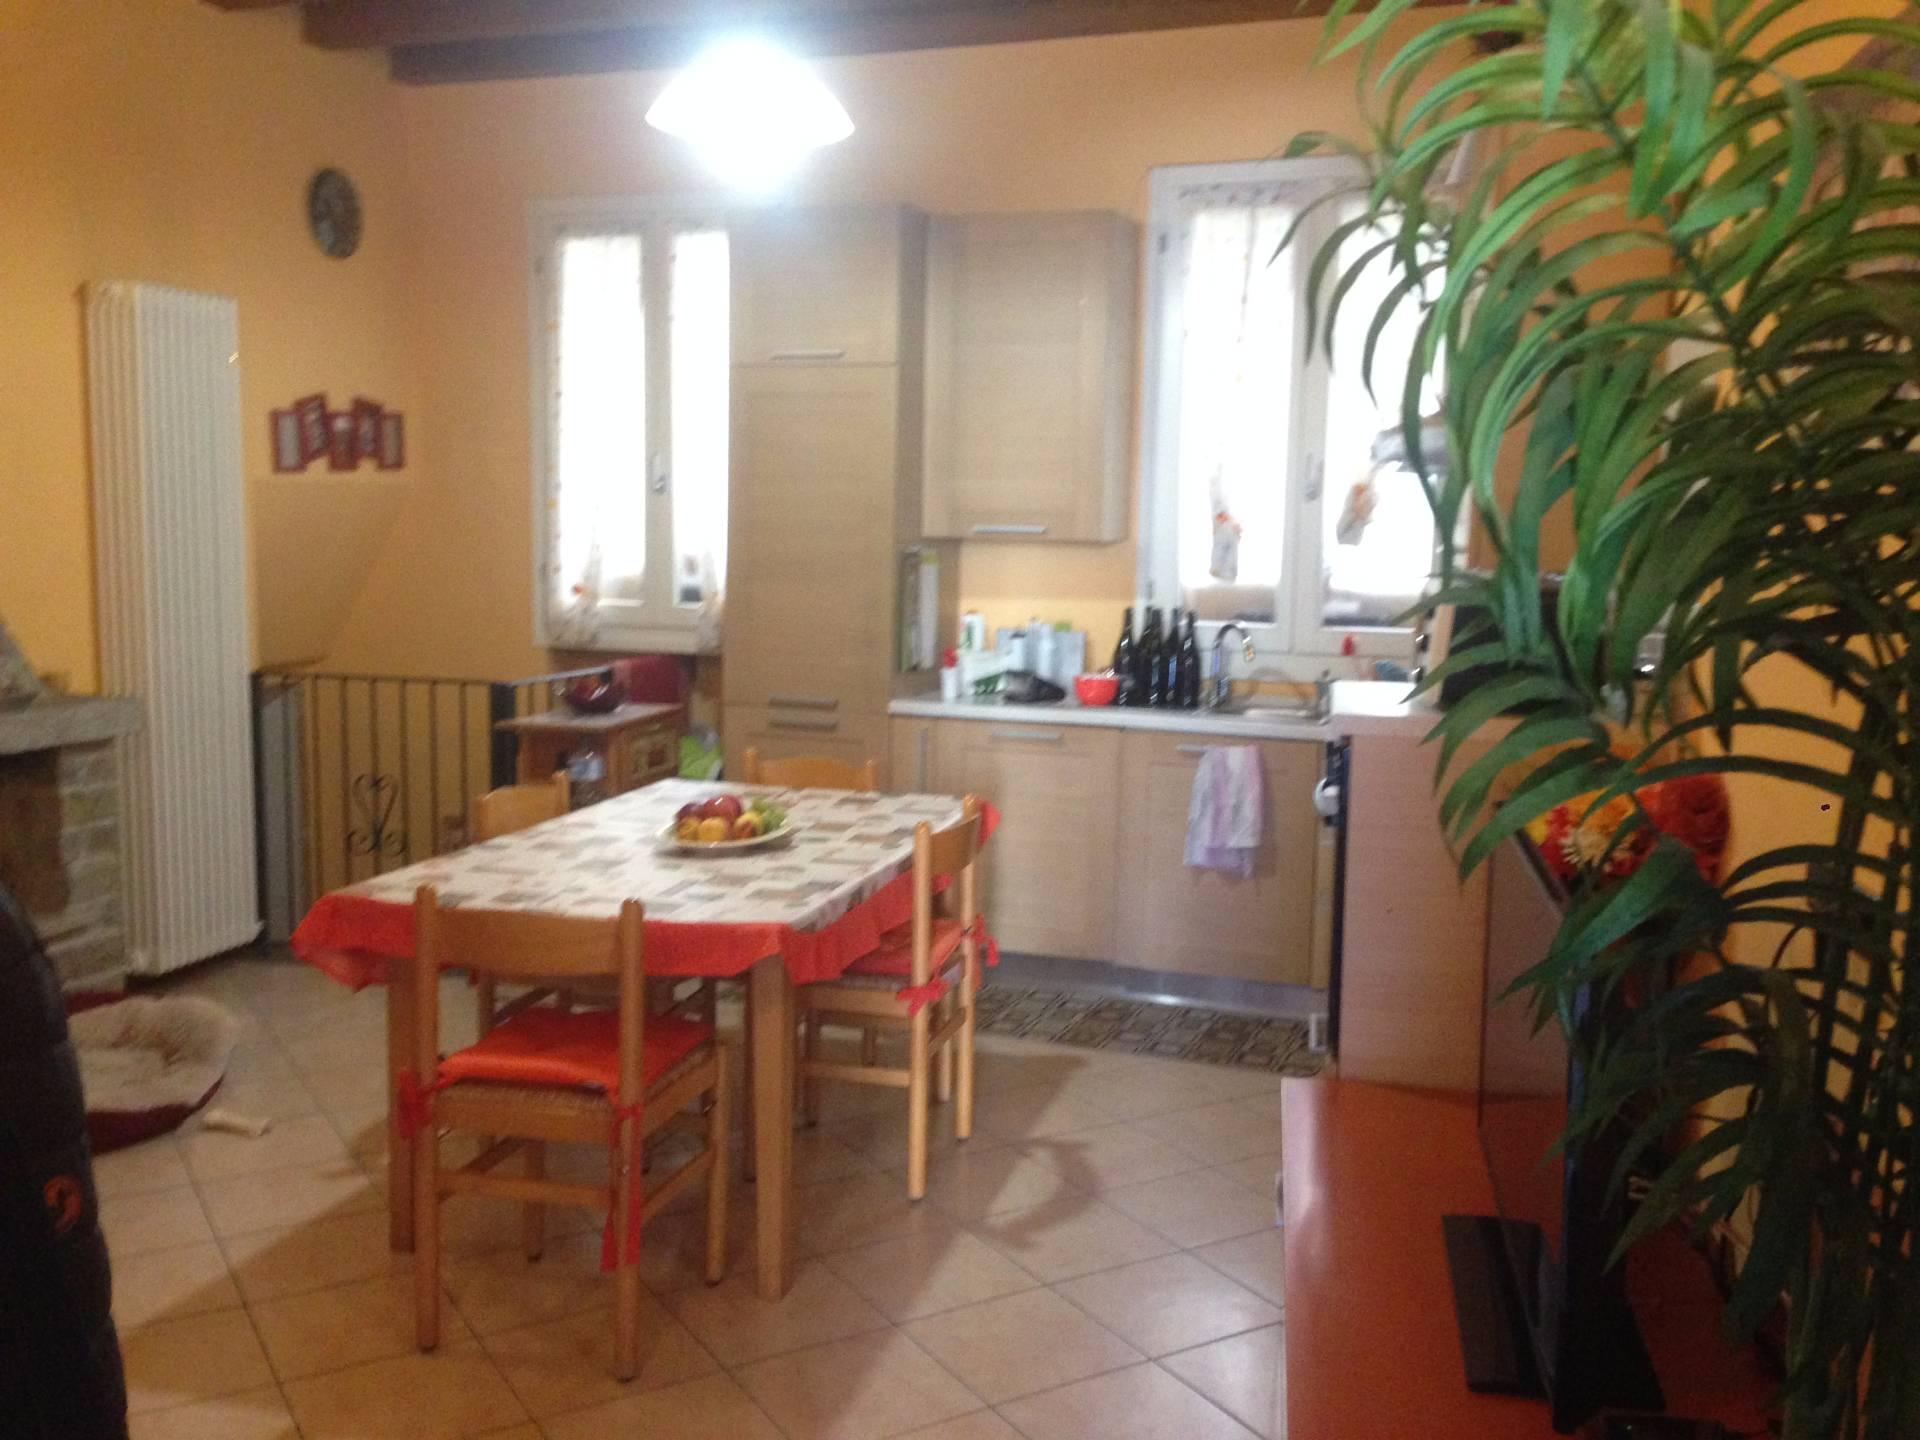 Appartamento in vendita a Valgreghentino, 2 locali, prezzo € 80.000 | CambioCasa.it